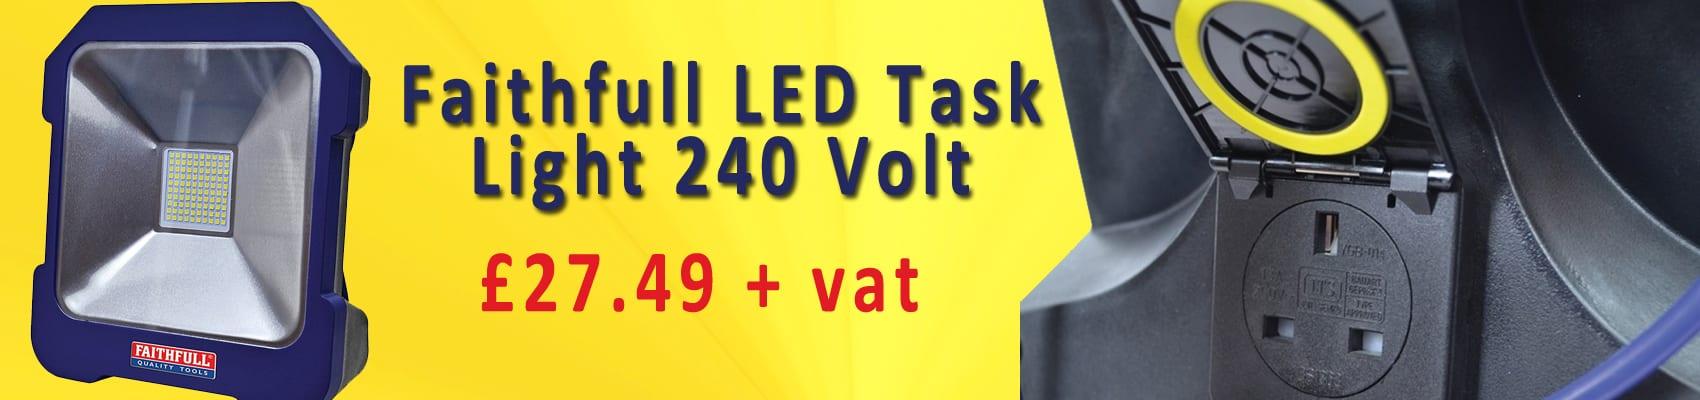 Faithfull LED Task Light 240 Volt